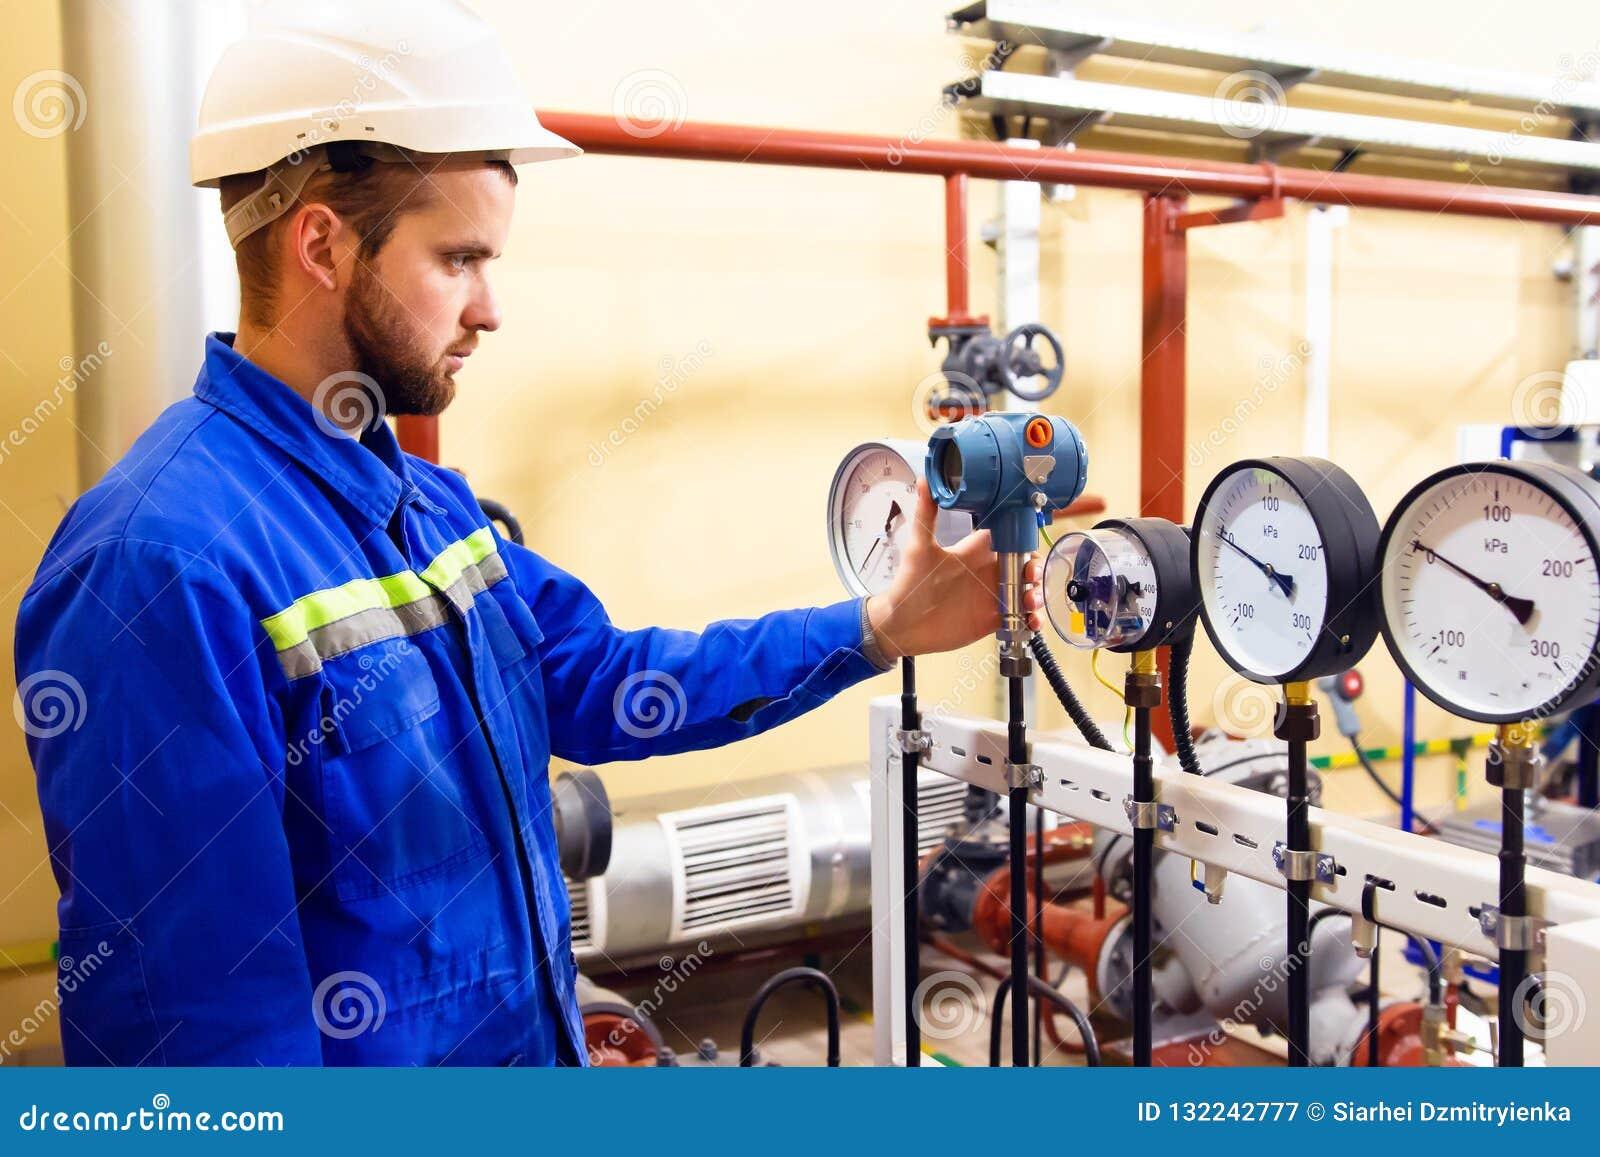 Εργαζόμενος τεχνικών στα μανόμετρα πίεσης ελέγχων εγκαταστάσεων καθαρισμού πετρελαίου και φυσικού αερίου